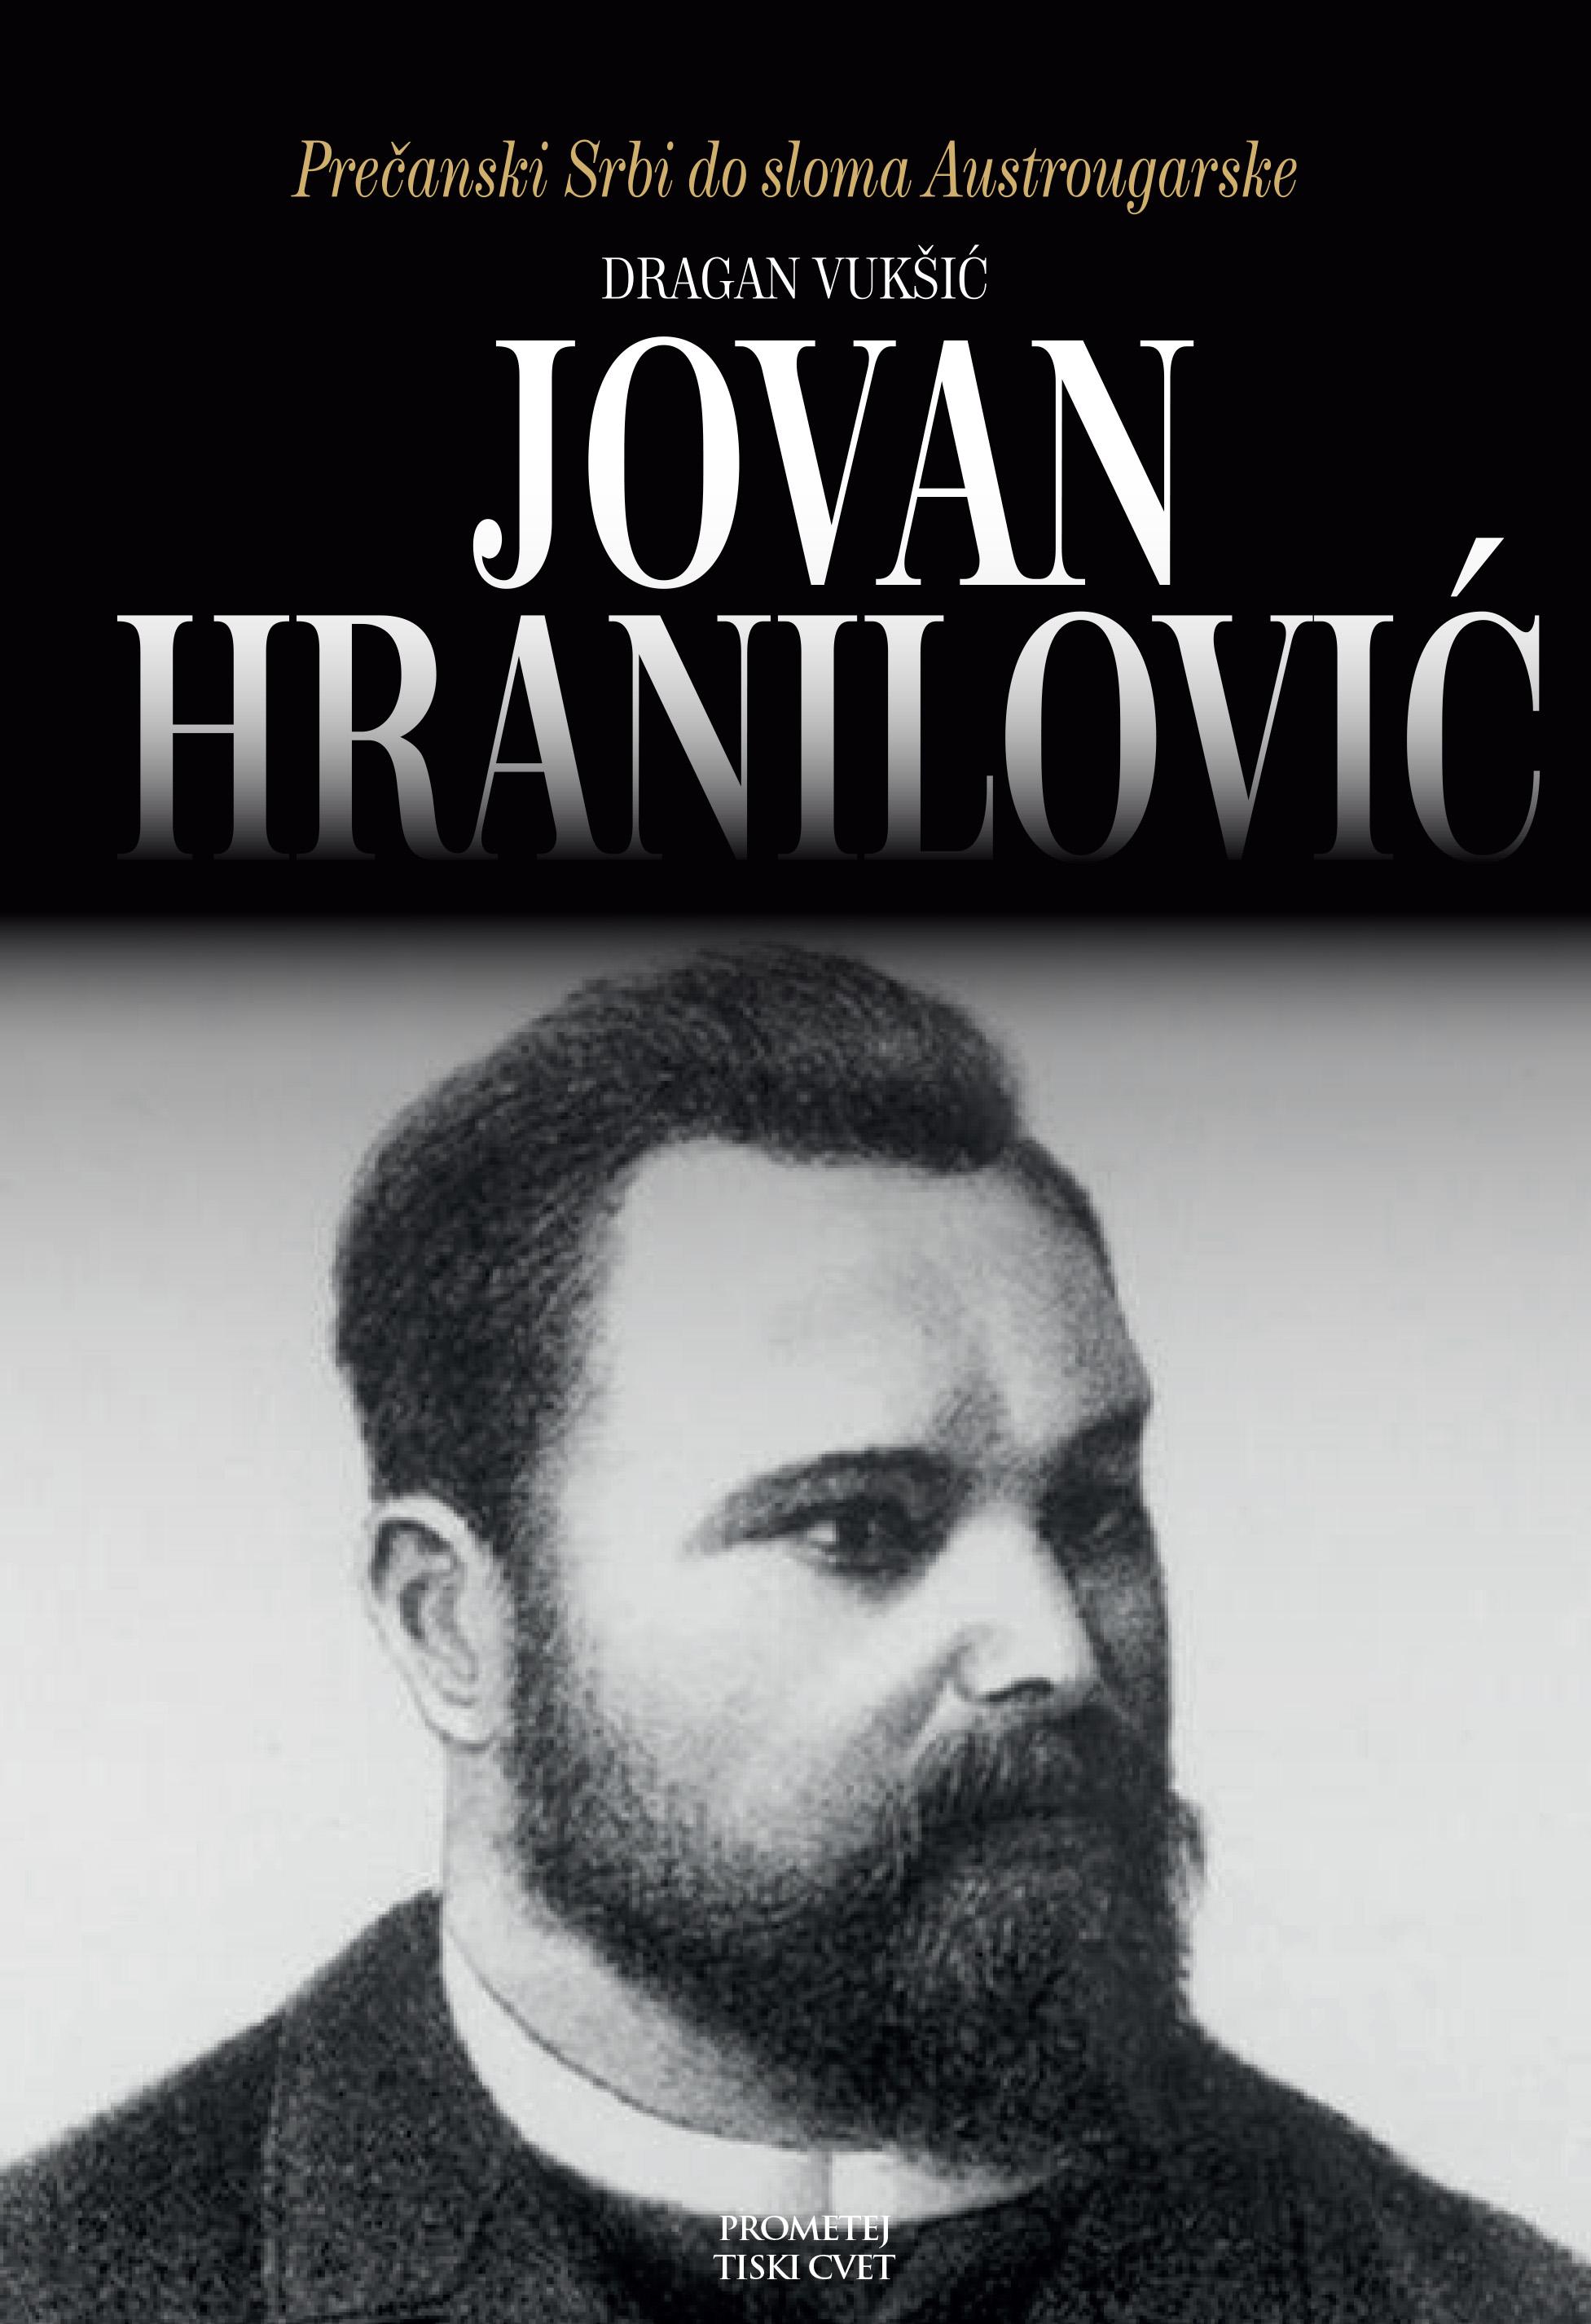 Јован Храниловић – лик и дело најпознатијег и најзаслужнијег Жумберчанина